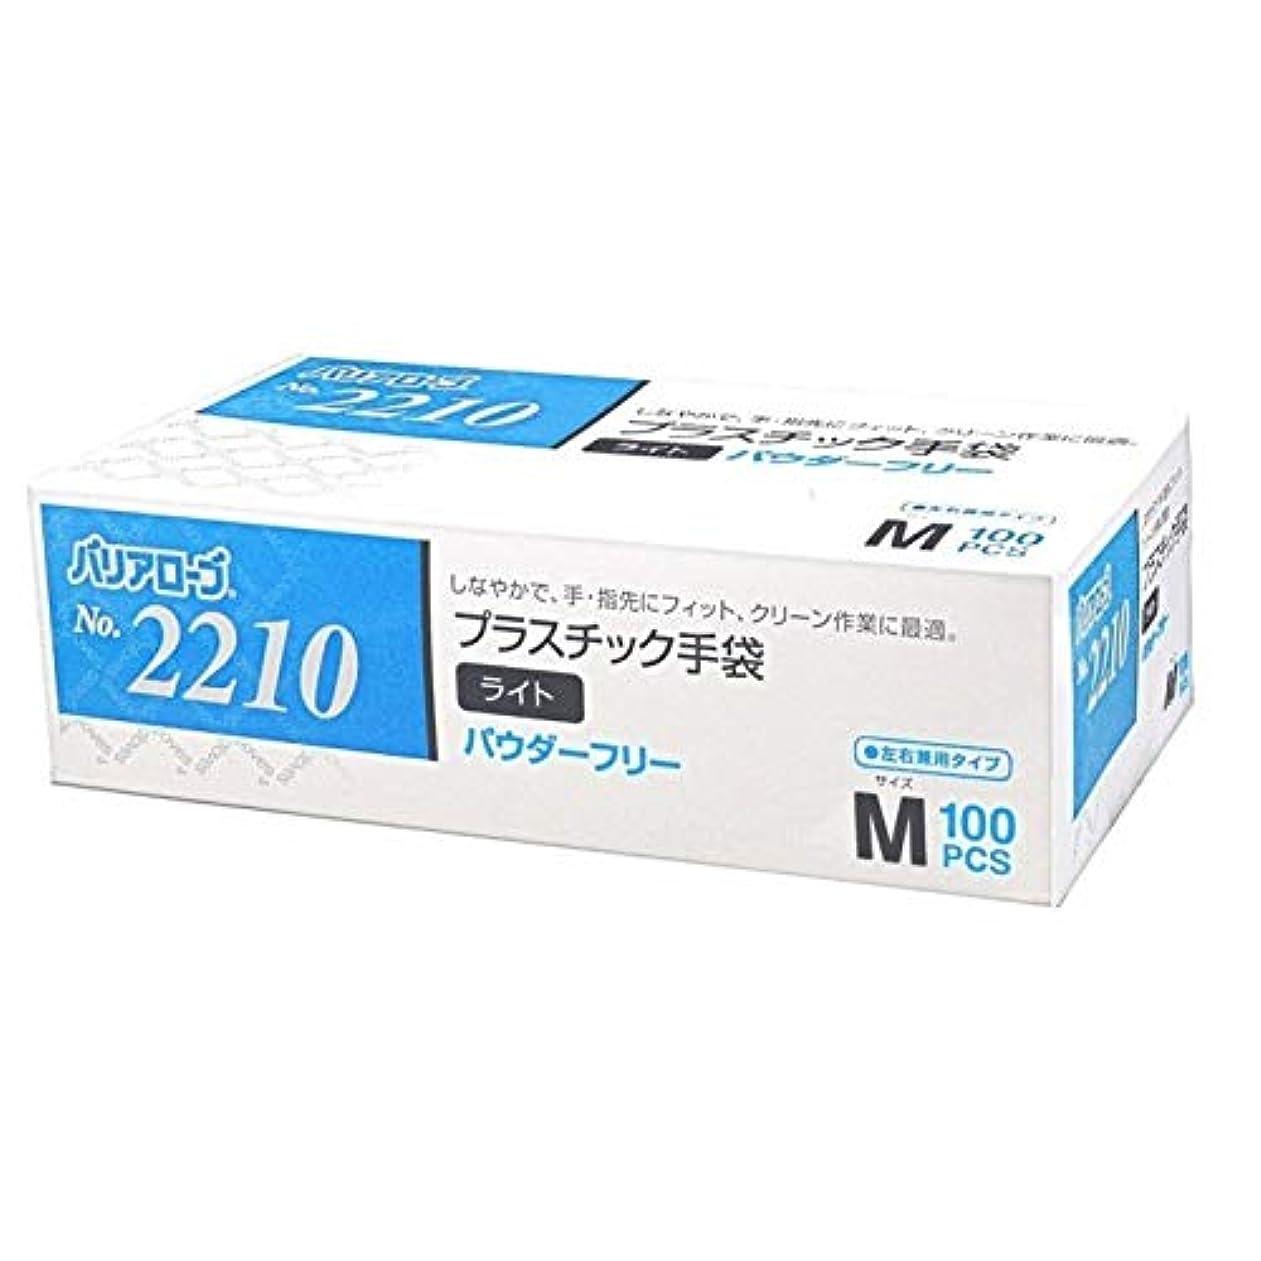 アクティブ活性化災害【ケース販売】 バリアローブ №2210 プラスチック手袋 ライト (パウダーフリー) M 2000枚(100枚×20箱)